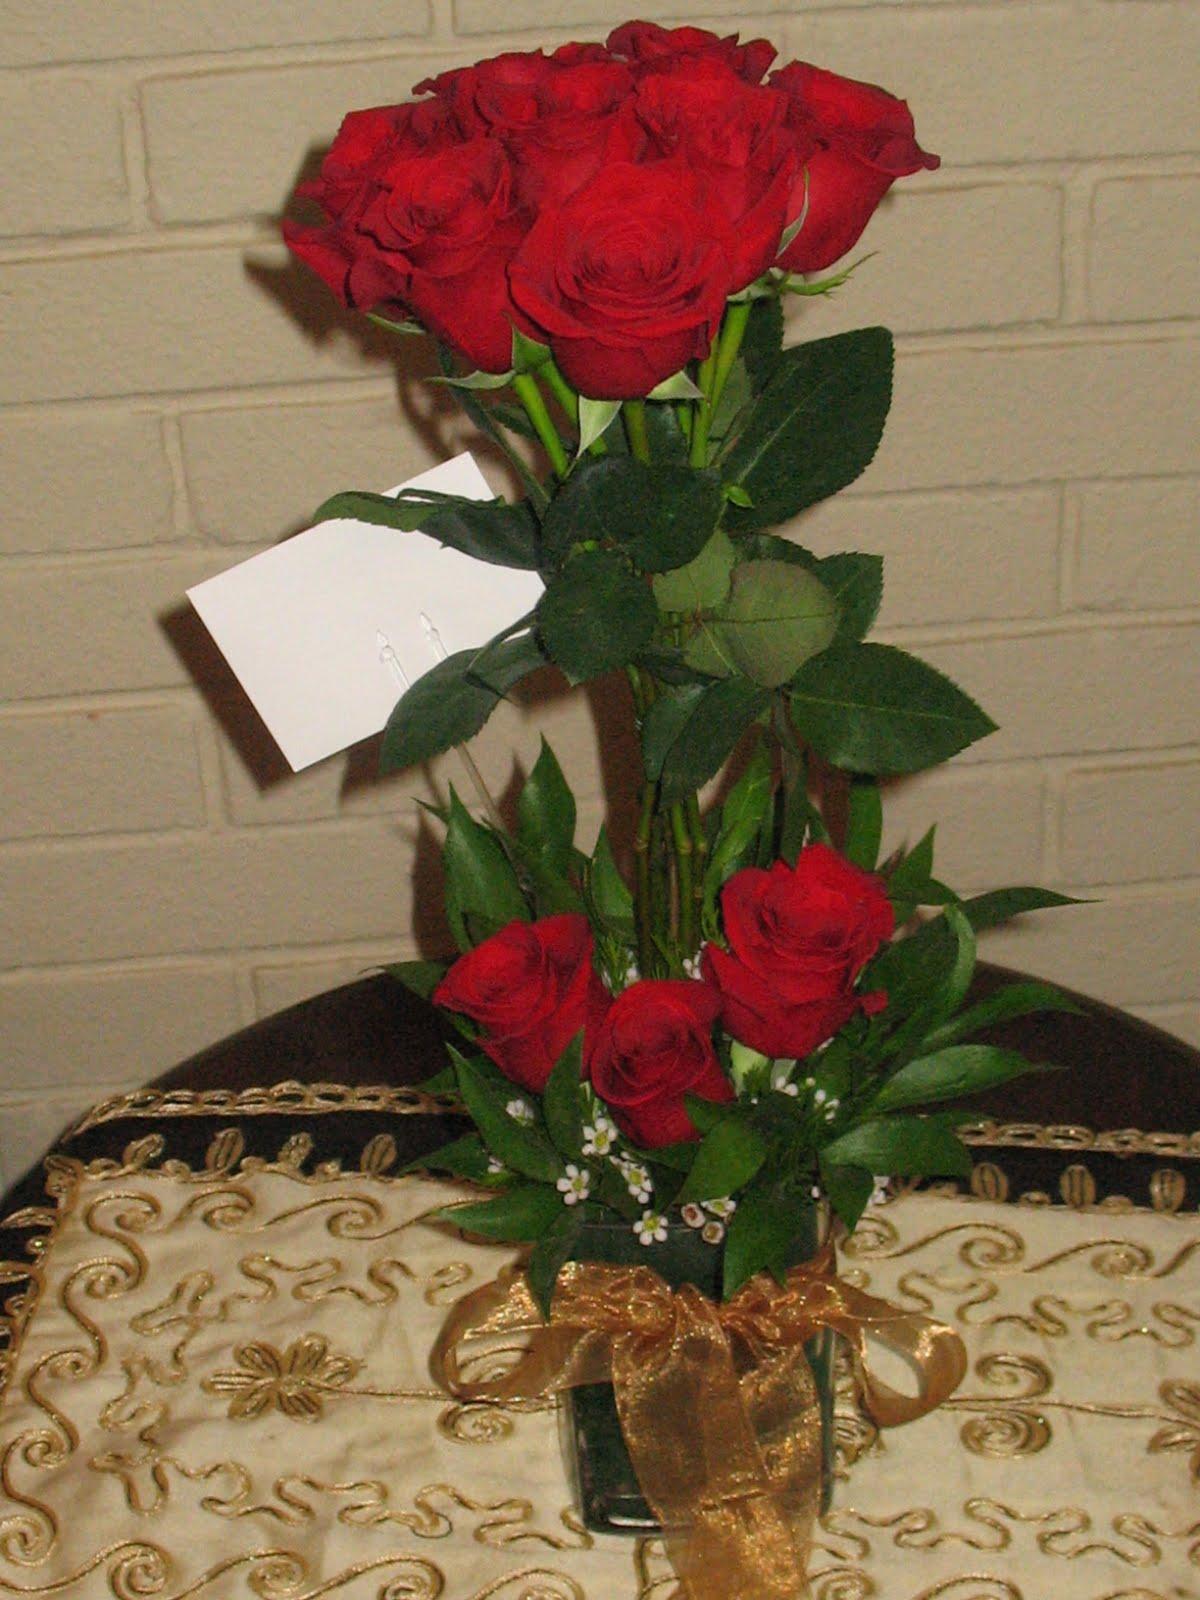 Flores peluches arreglos naturales arreglos imagenes de - Arreglos de flores artificiales ...